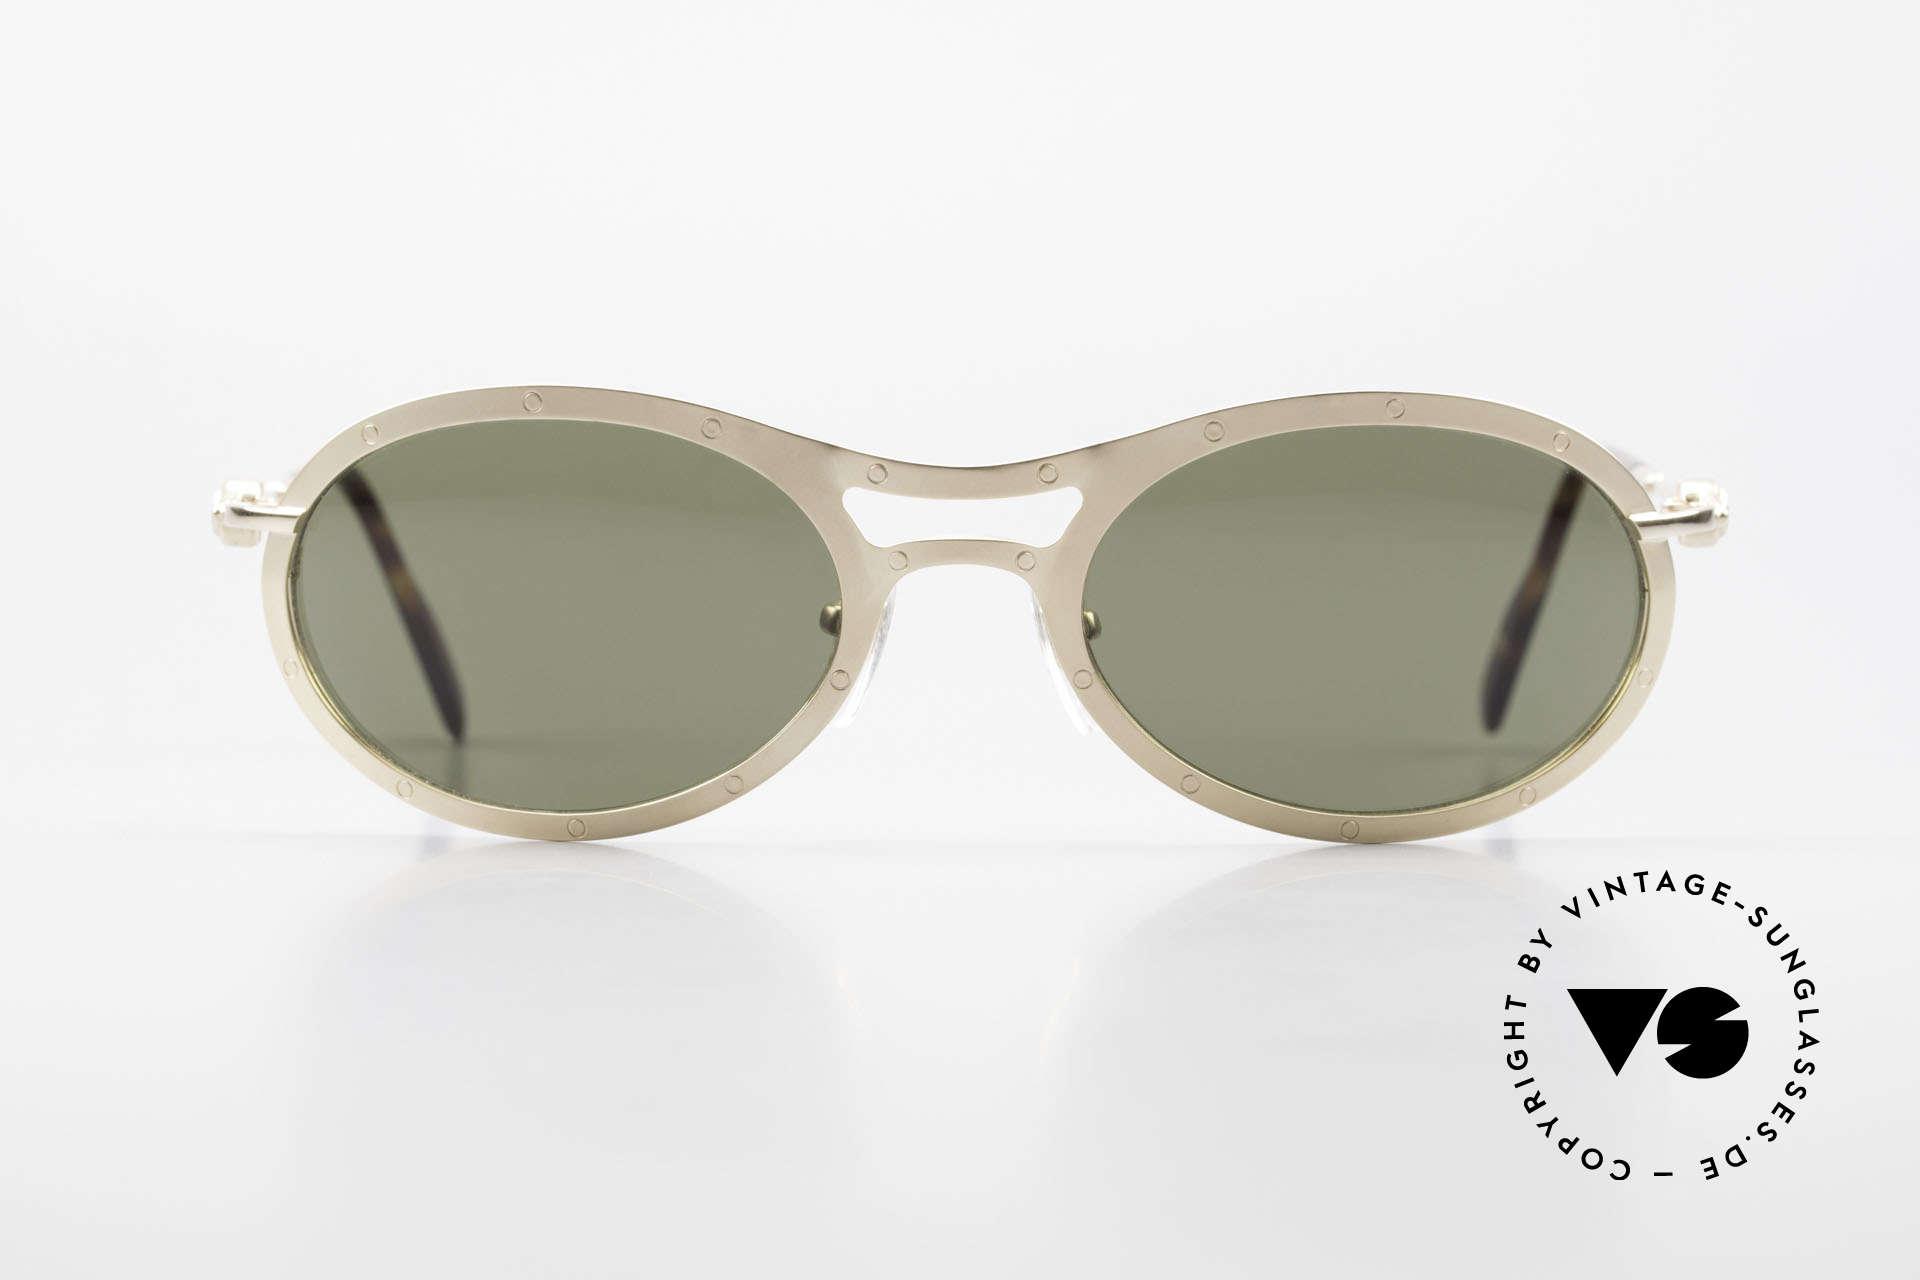 Aston Martin AM33 Sportliche Luxus Sonnenbrille, Accessoire zu den Nobel-Sportwagen aus Great Britain, Passend für Herren